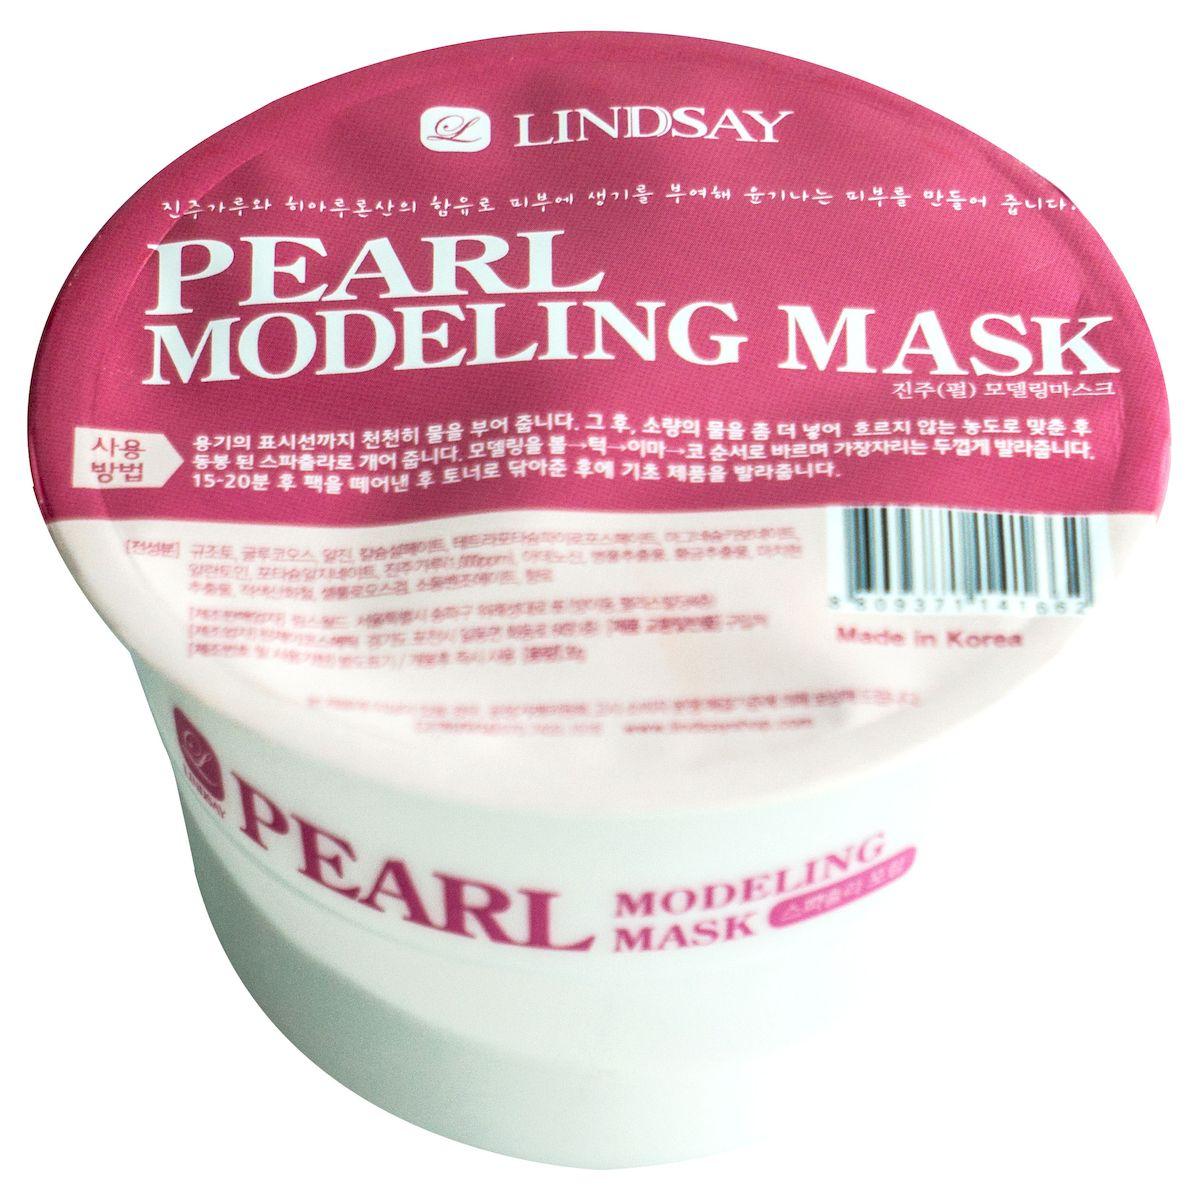 Lindsay Моделирующая альгинатная маска для лица, с жемчужной пудрой, 30 г141662Альгинатные маски – популярное в салонах косметическое средство, основа которого – альгин, способствует более глубокому и эффективному проникновению активных компонентов в слои кожи. Жемчужная пудра помогает активной регенерации клеток, защищает от образования пигментных пятен. Насыщает кожу необходимыми минералами и микроэлементами, улучшая ее структуру. Способ применения: 1. Залейте содержимое упаковки водой до установленной метки (линия по периметру упаковки) 2. Размешайте до образования однородной гелеобразной массы 3. Нанесите маску на лицо 3. Оставьте на лице на 15-20 минут 4. Начиная с нижнего края, аккуратно удалите маску с лица. Меры предосторожности: при возникновении раздражения прекратите использование и обратитесь к дерматологу. При попадании продукта в глаза обильно промойте их водой. Храните в защищенном от прямых солнечных лучей месте, недоступном для детей. Состав: Диатомовая земля, глюкоза, альгин, сульфат кальция, пирофосфат калия, карбонат магния,...